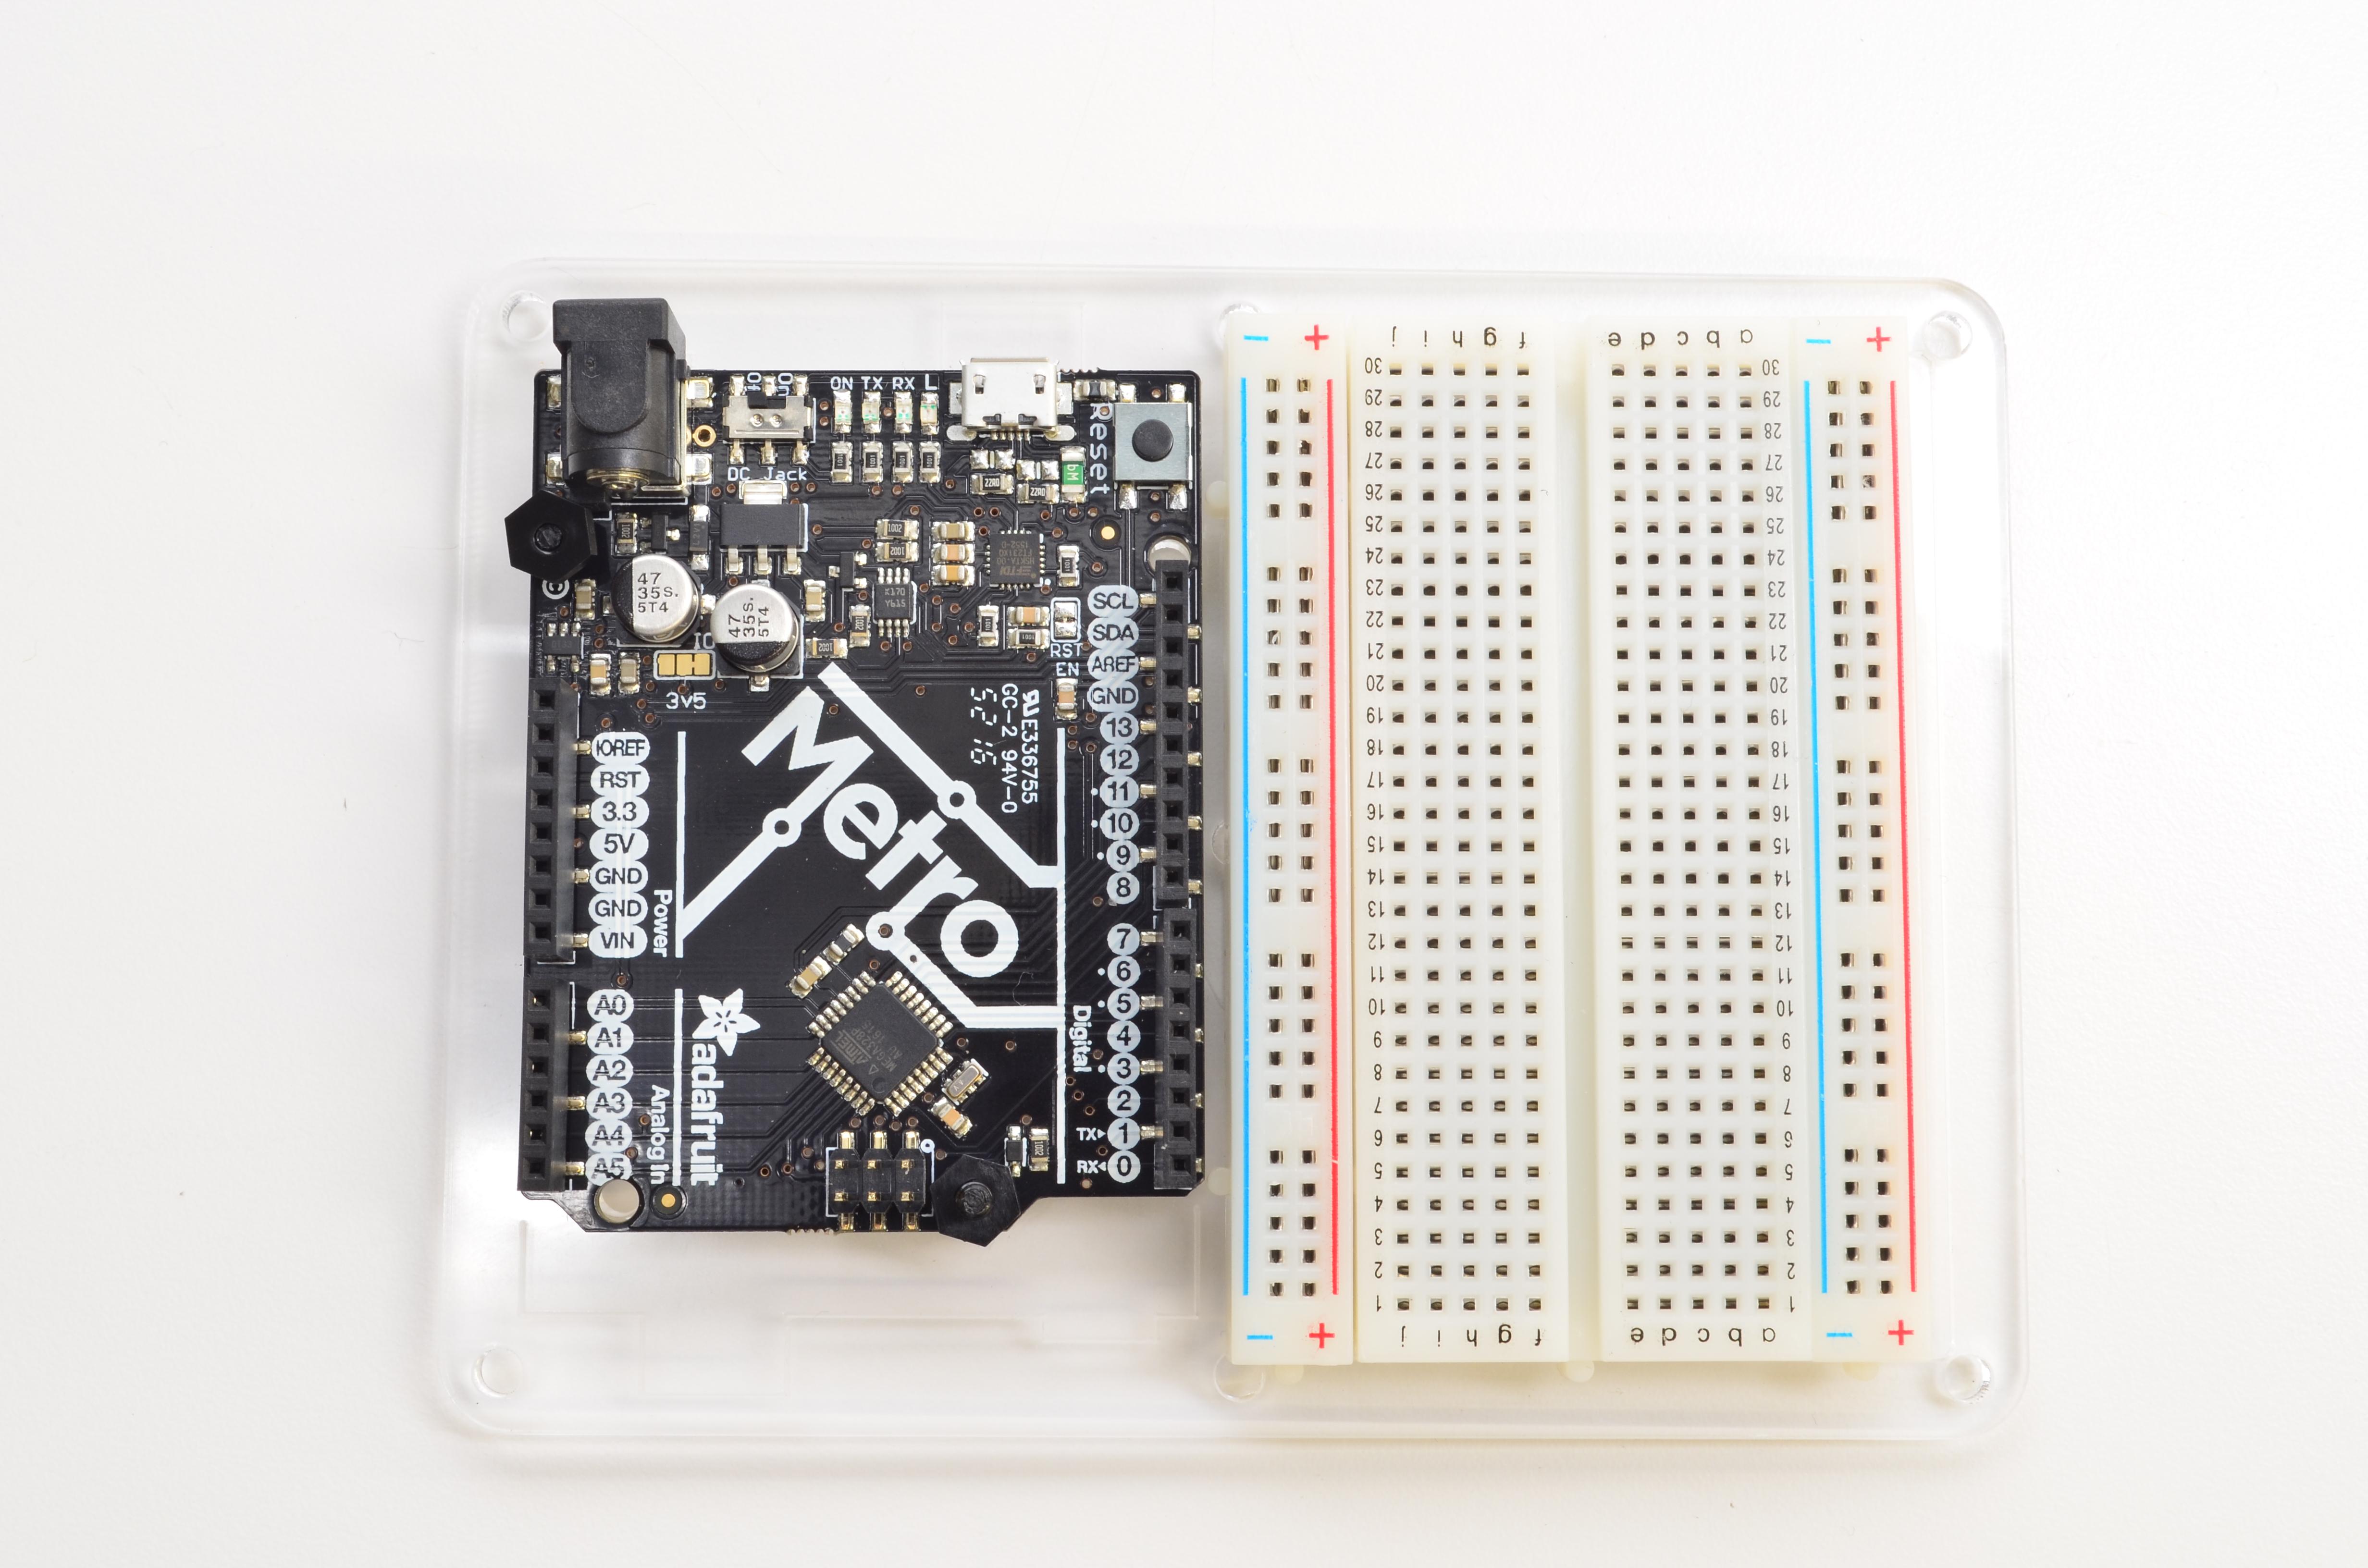 sensors_adafruit_products_METROBB1.jpg